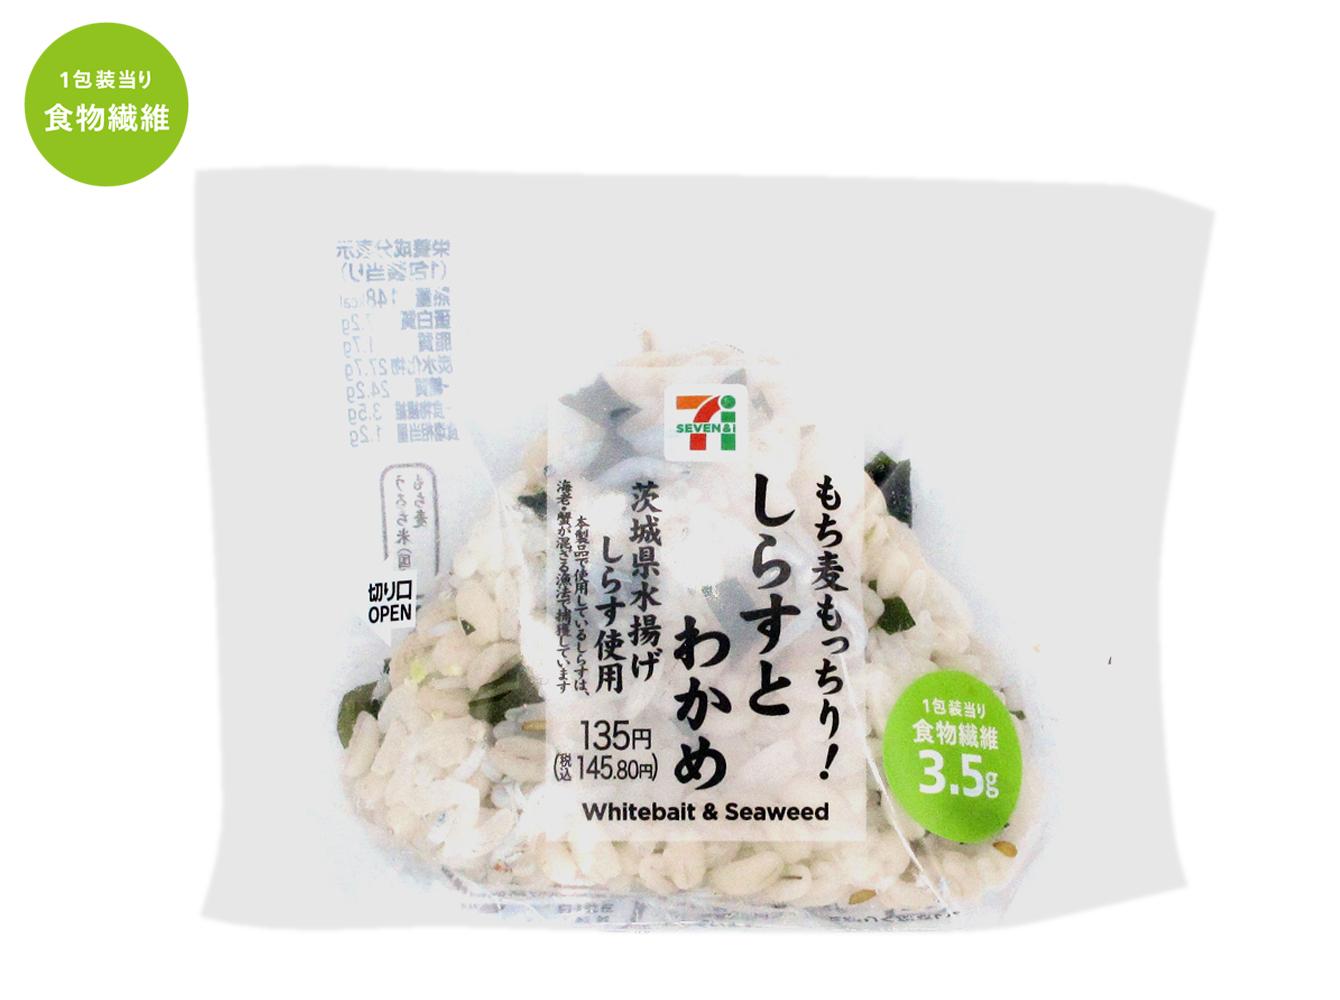 セブンイレブン/ もち麦もっちり!茨城県水揚げしらすとわかめ